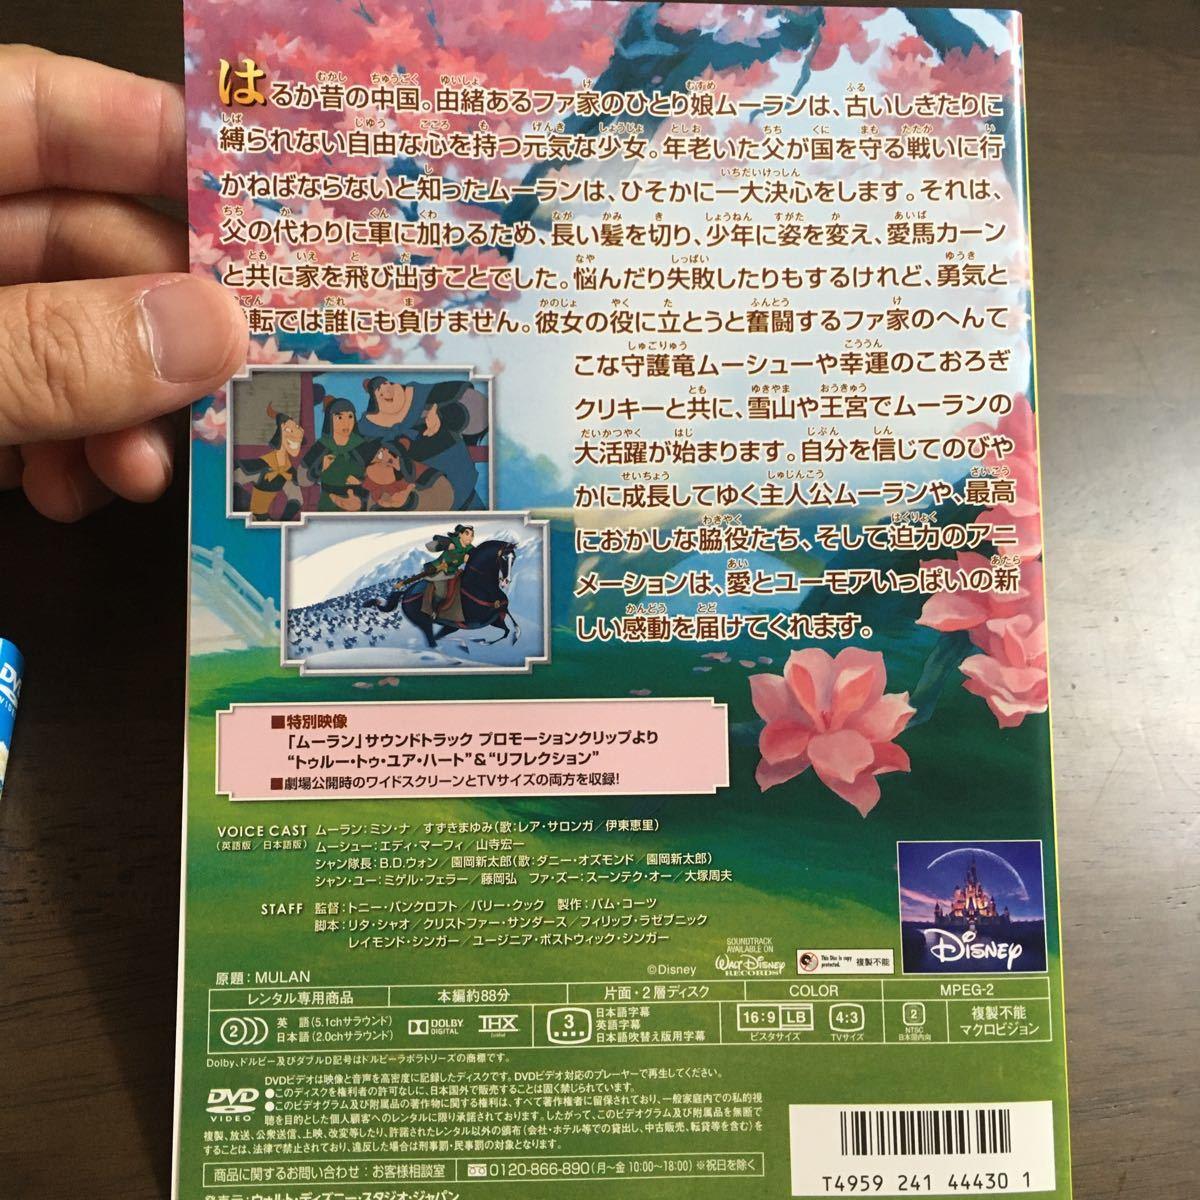 ディズニー ムーラン DVD